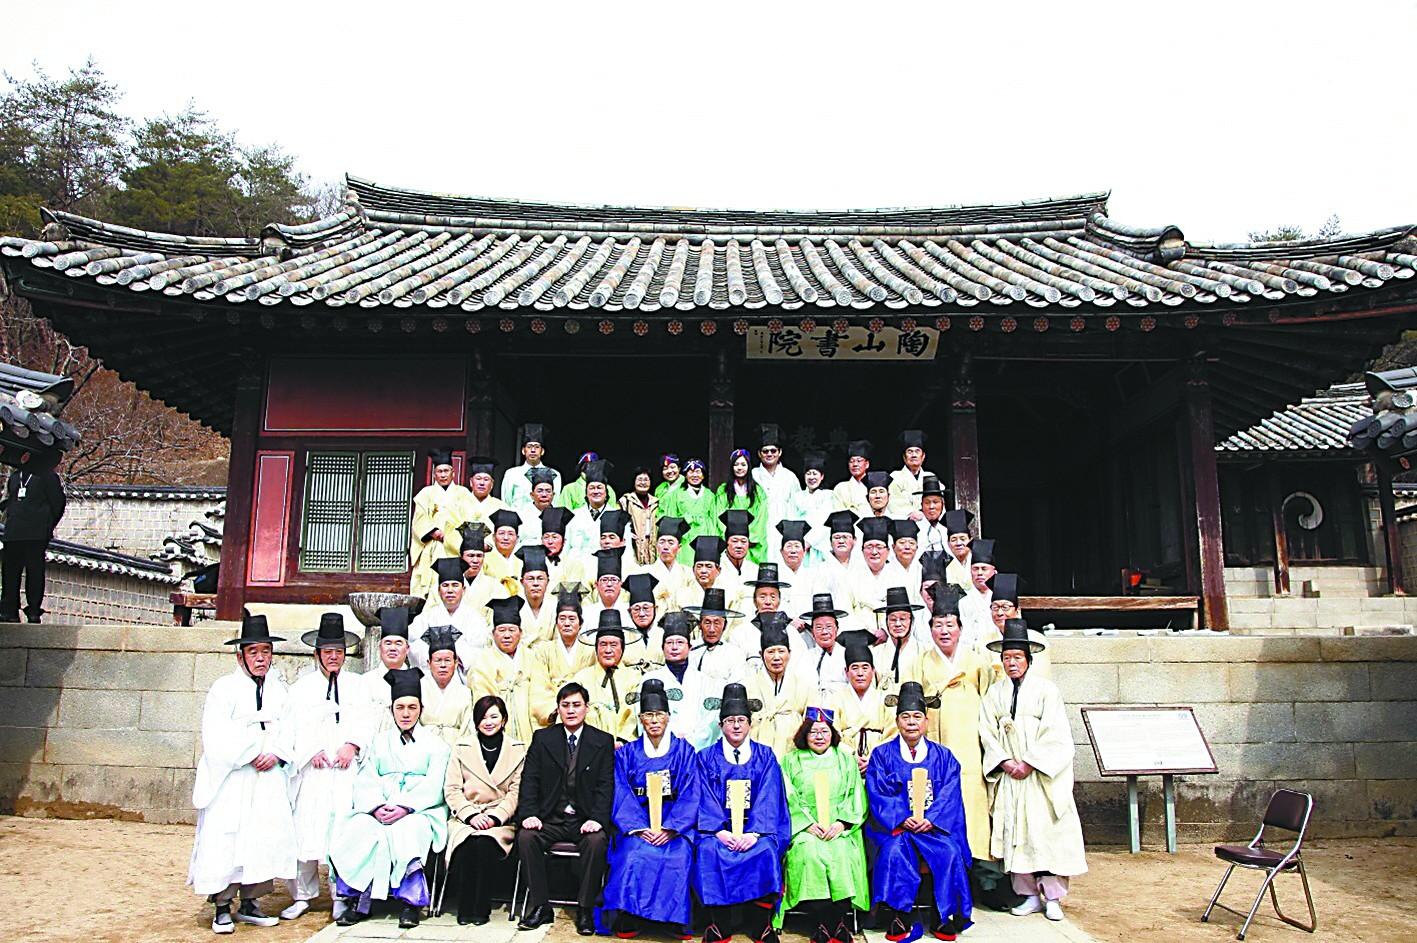 韩国:9座儒学书院奉祀先贤